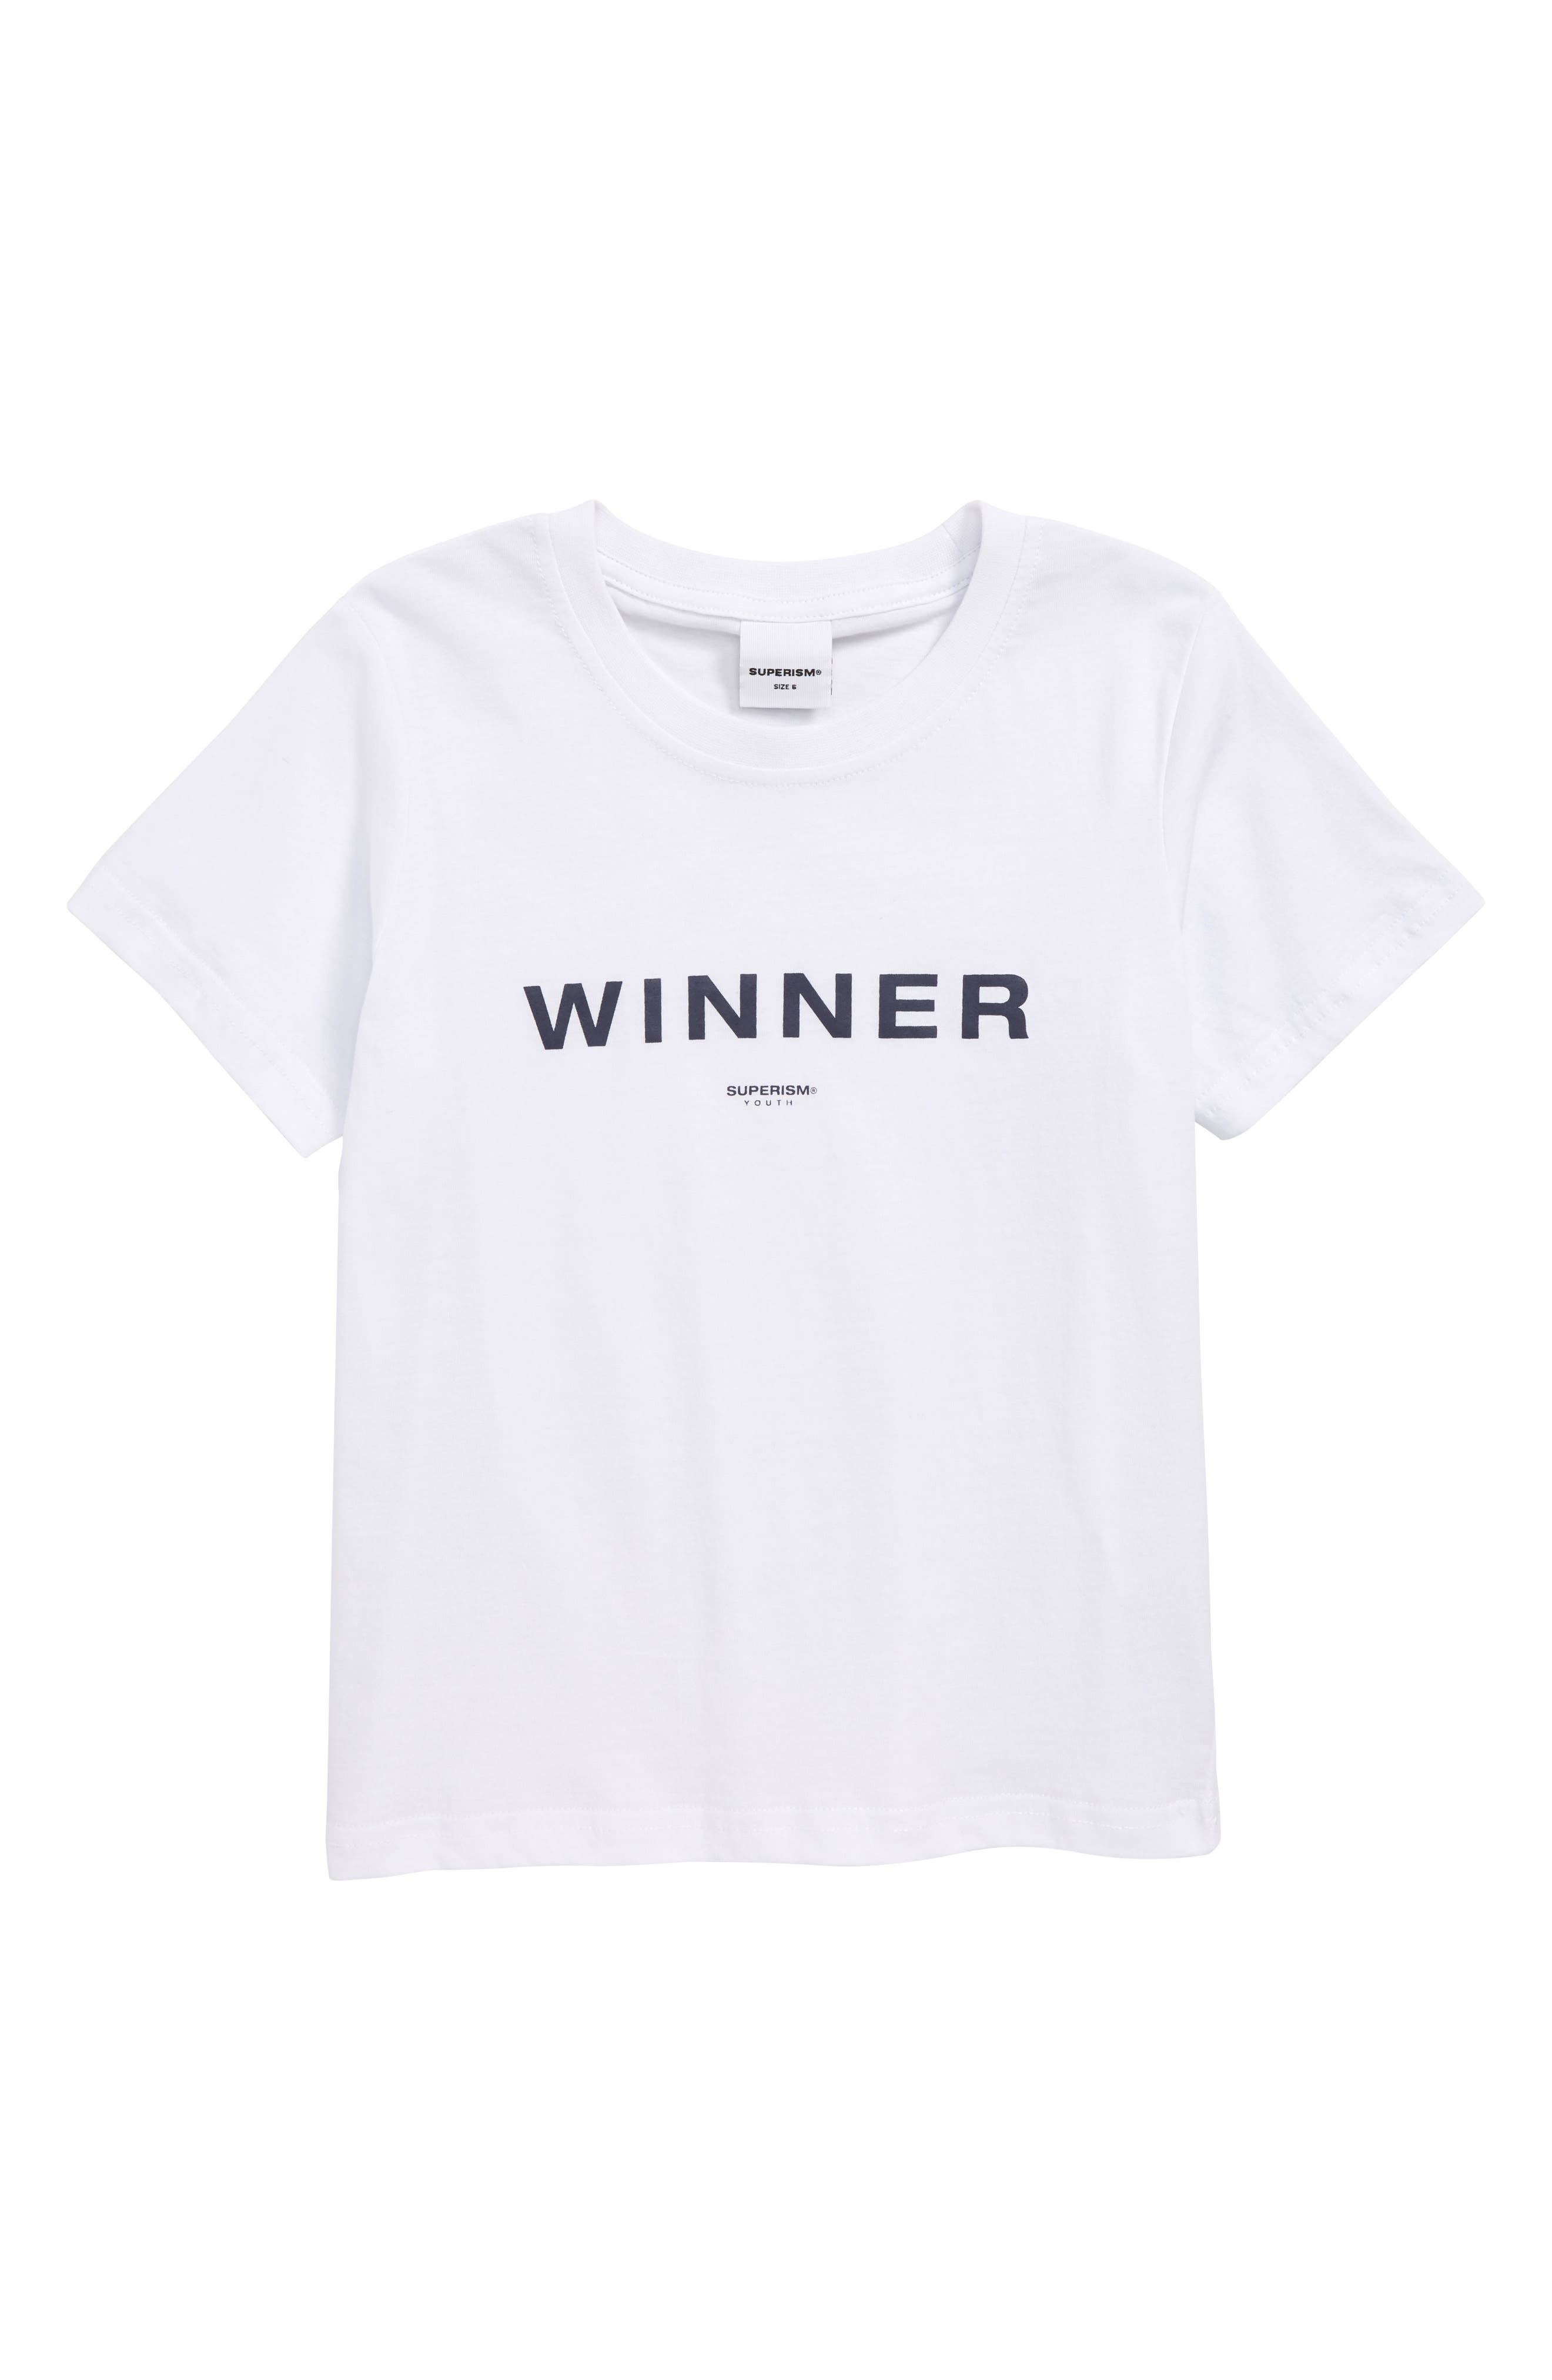 Winner T-Shirt,                         Main,                         color, WHITE